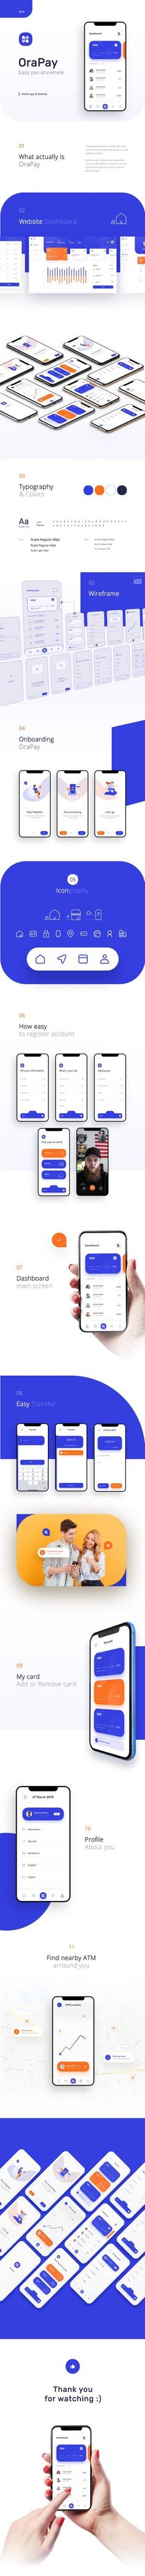 Financial App Design – Fintech